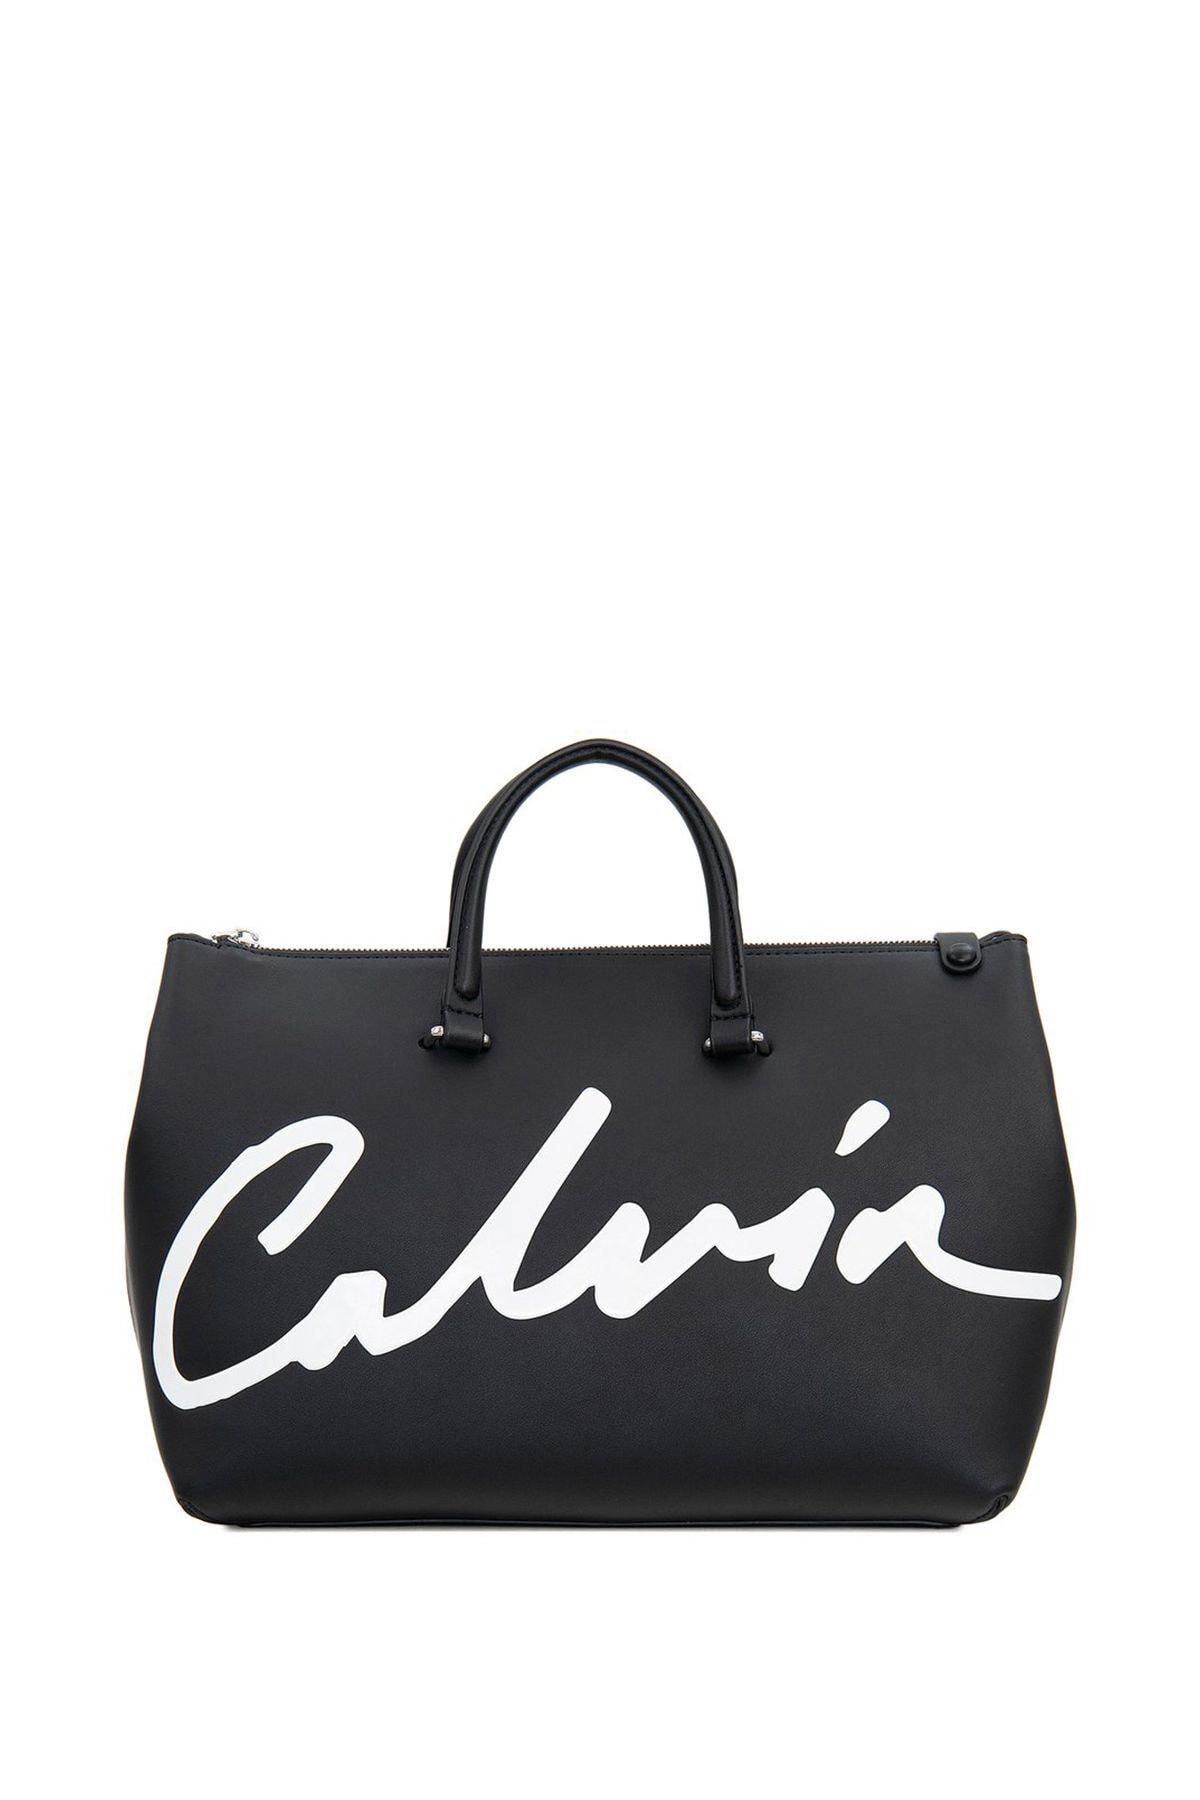 Calvin Klein Kadın Sculpted Satchel El Çantası 1